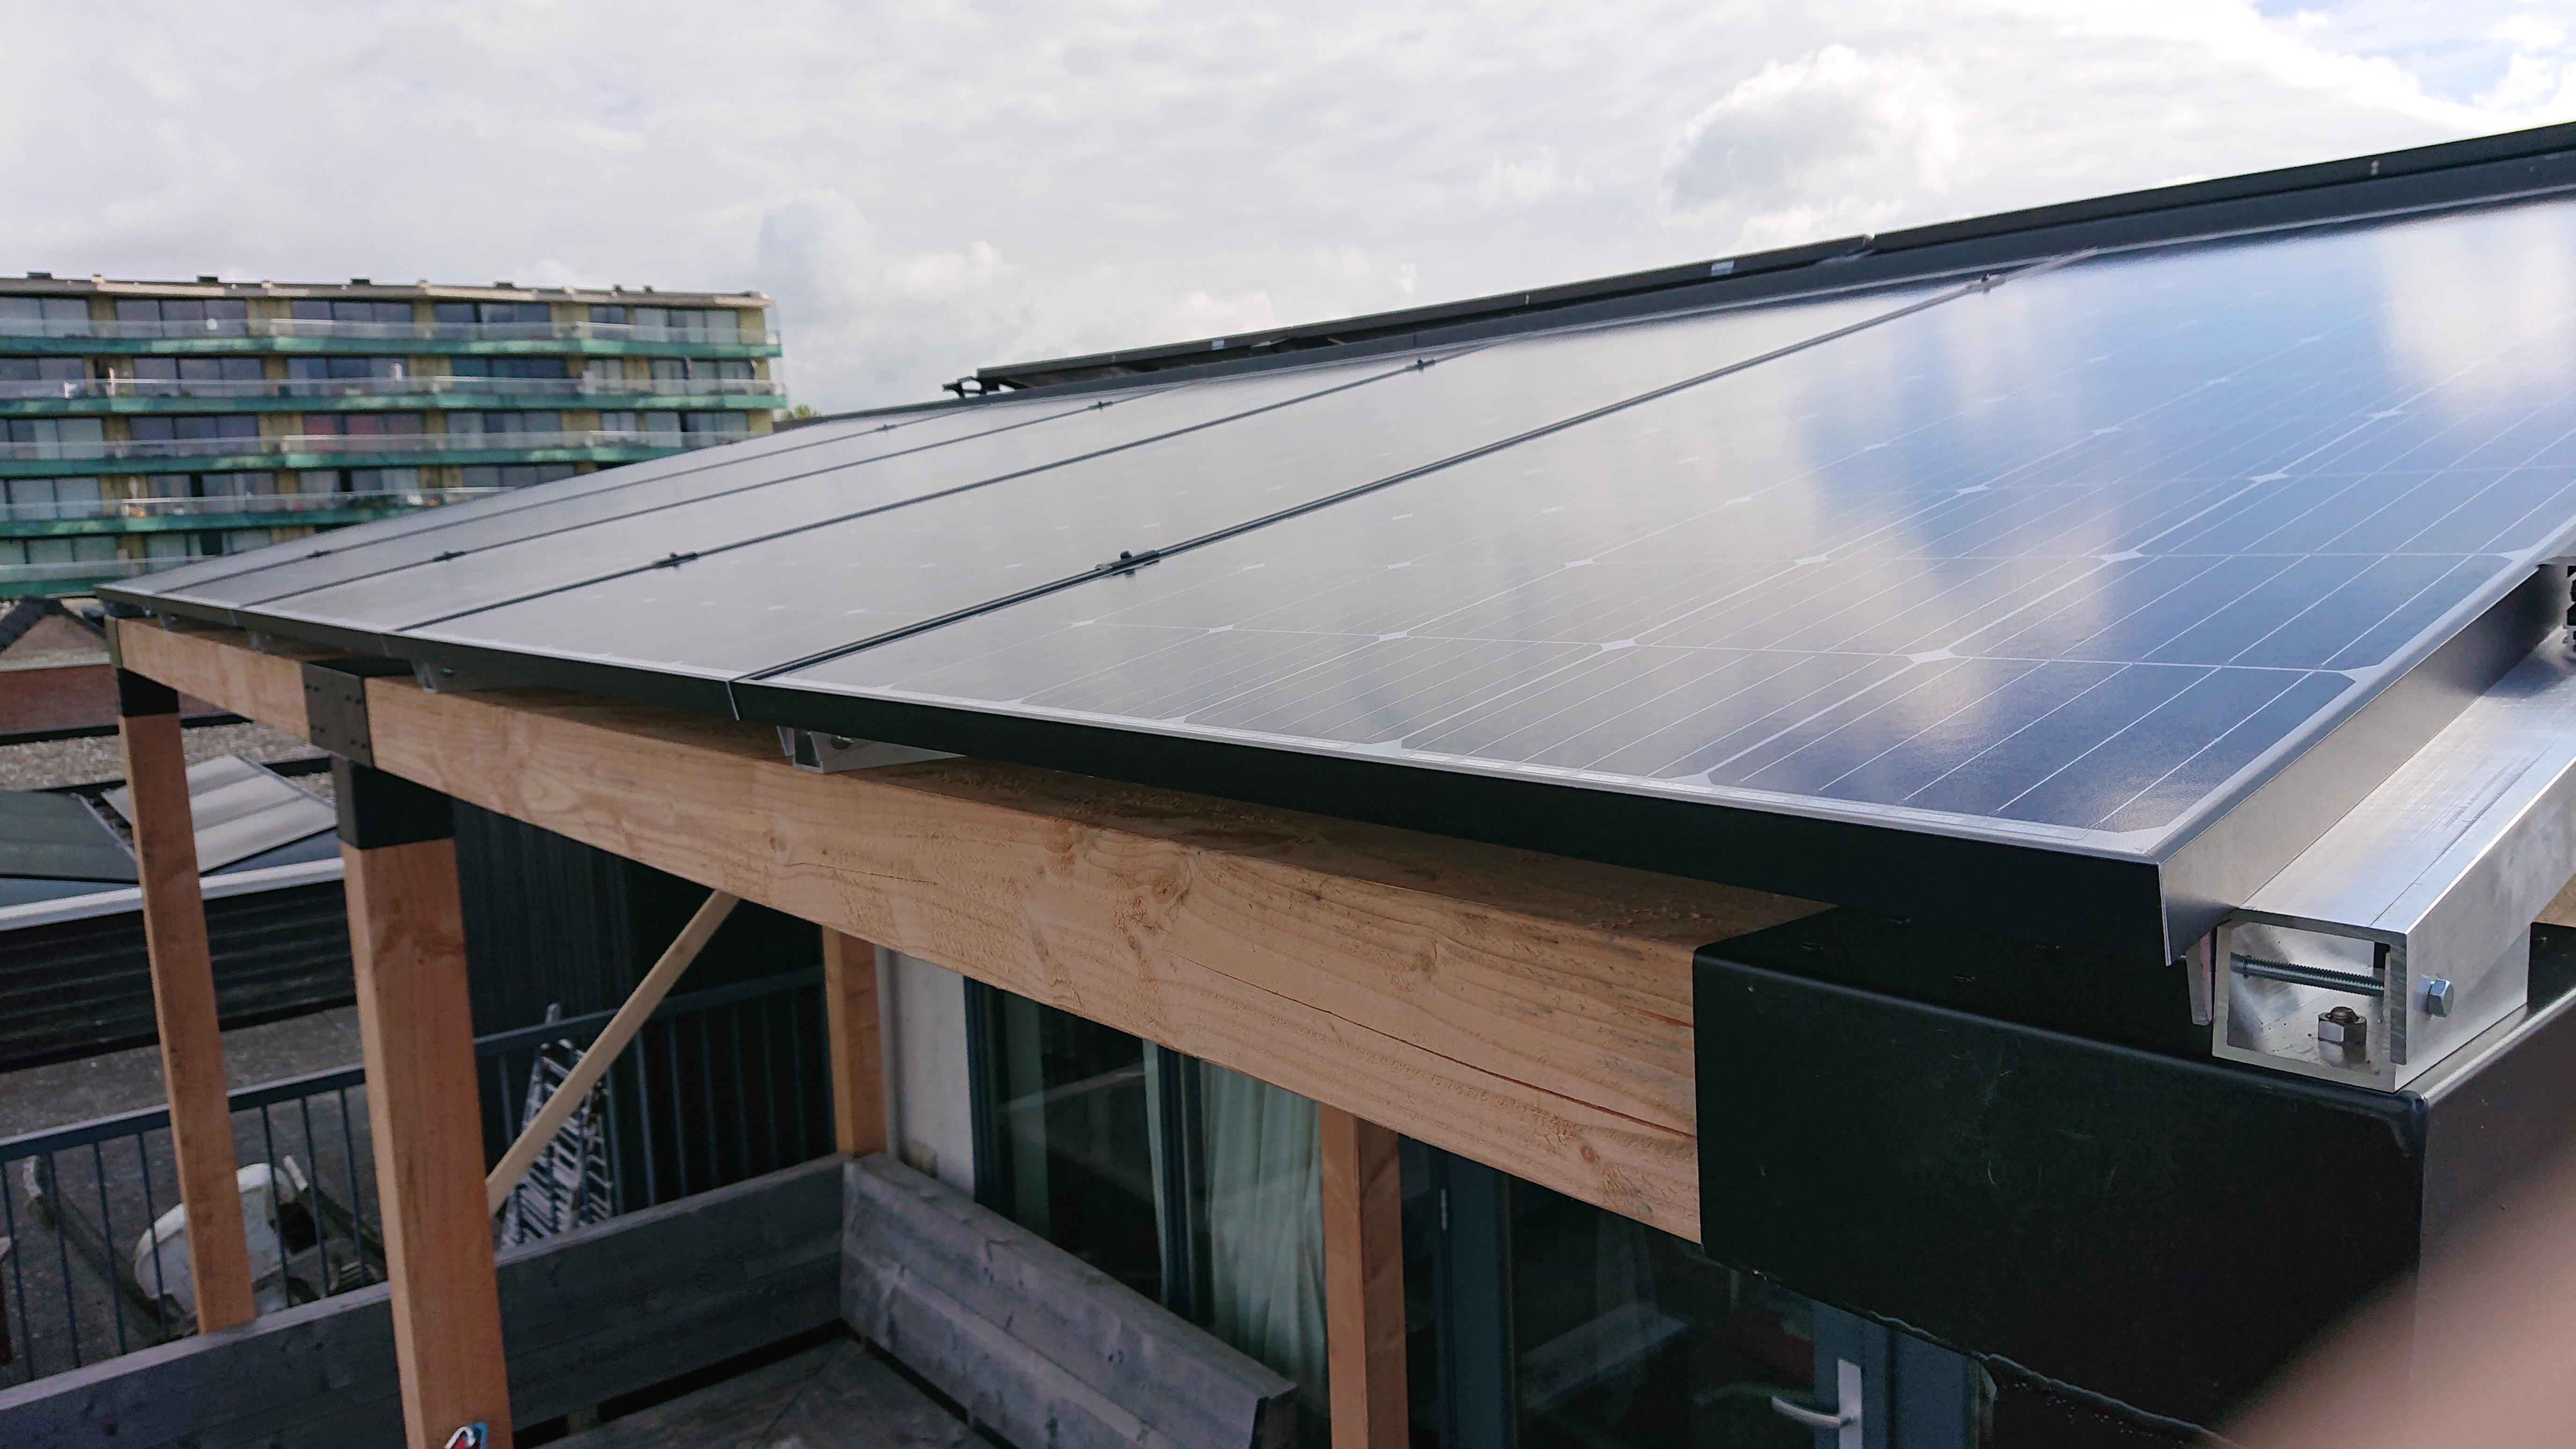 Schaduw en stroom met veranda met 5x JA Solar 380Wp Bi-facial glas-glas